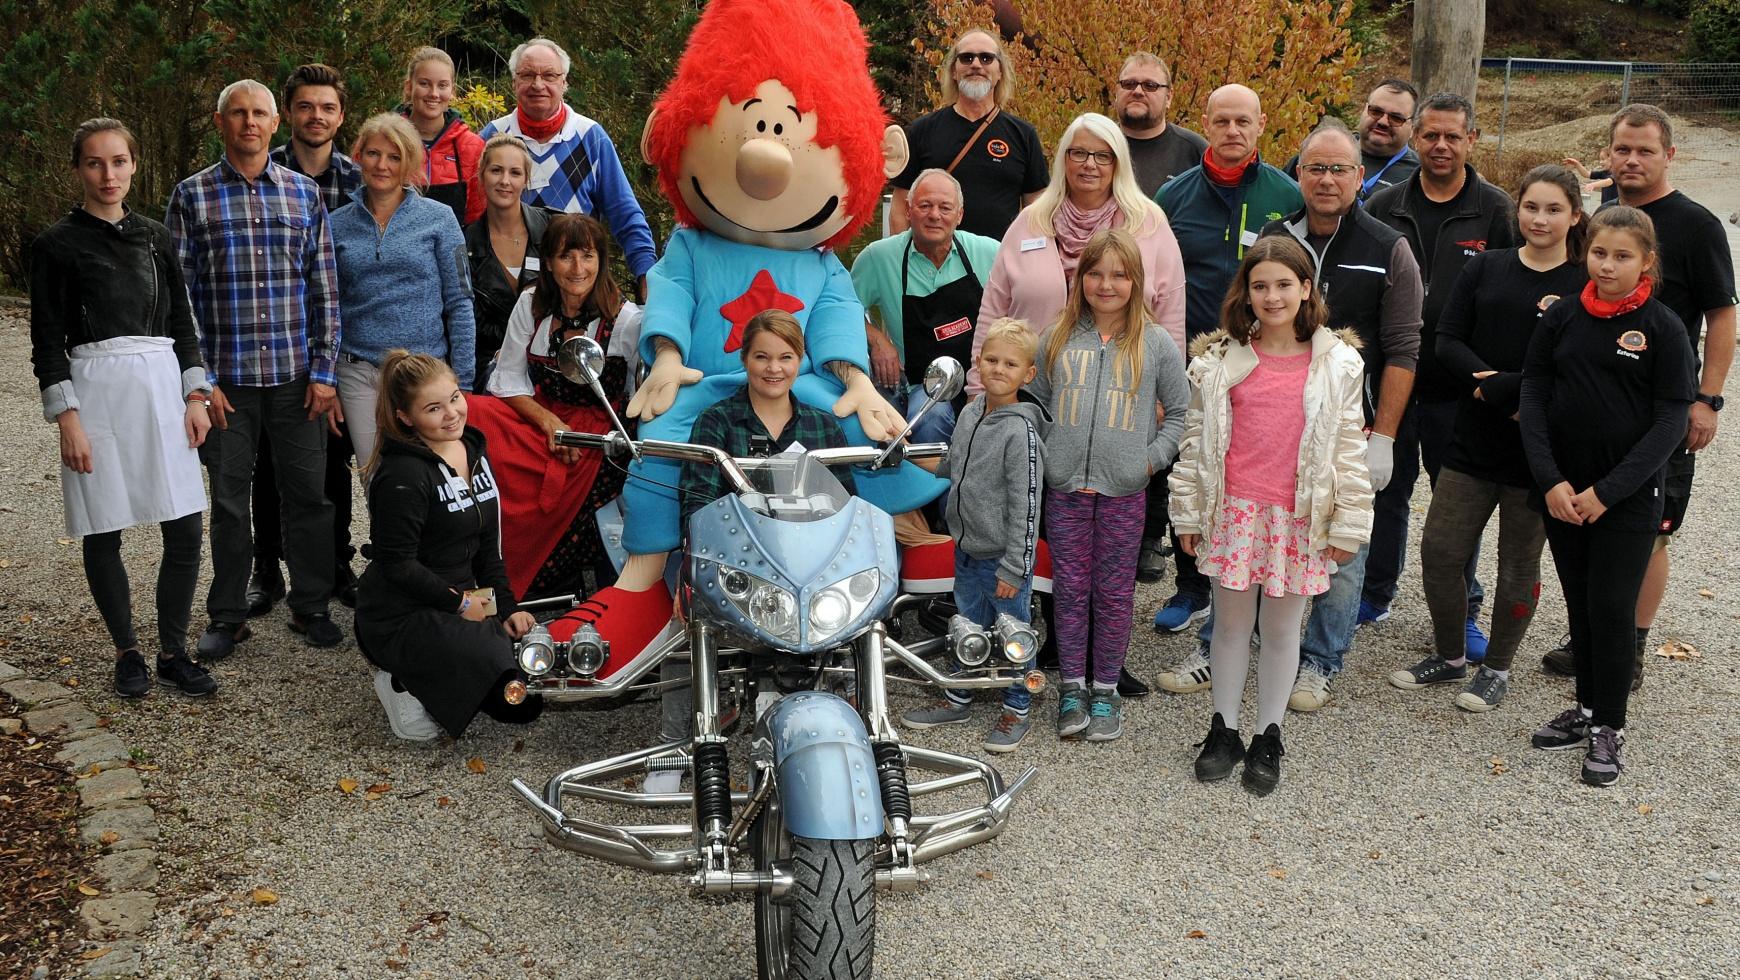 Glückliche Kinder bei der großen Motorradausfahrt von kids to life